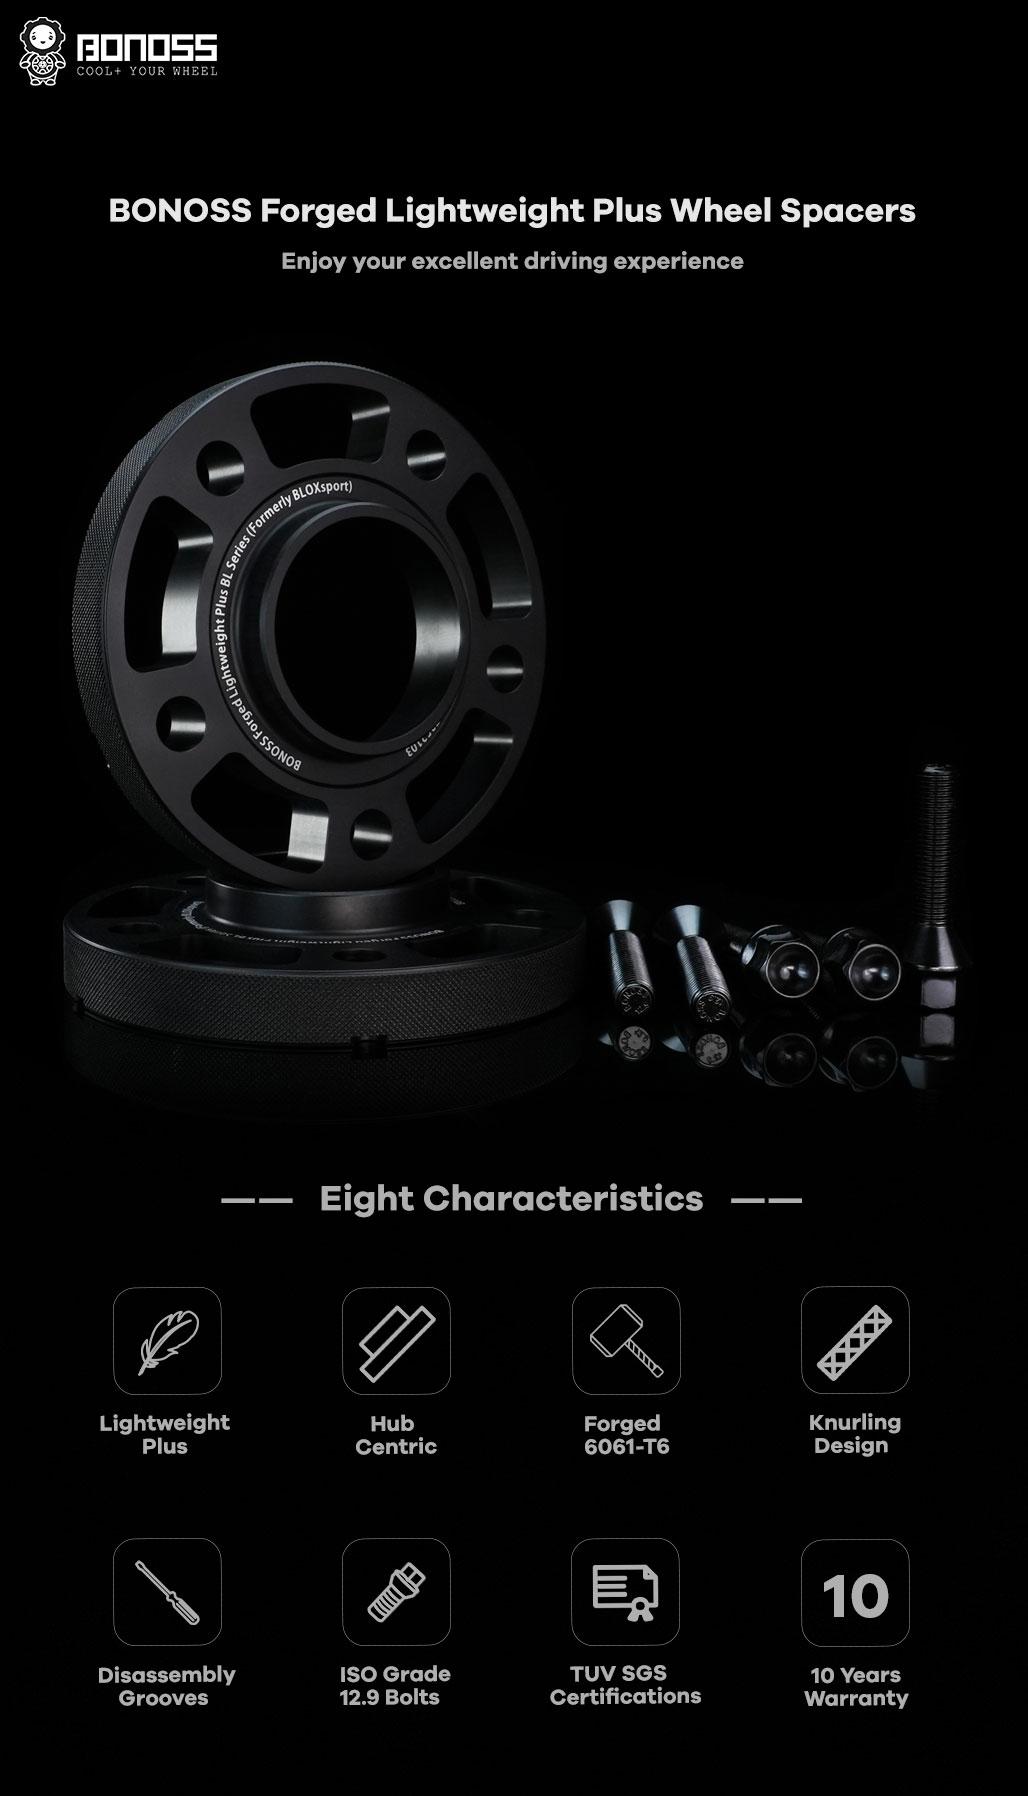 AL6061-T6-BONOSS-forged-lightweight-plus-wheel-spacers-M12x1.5-by lulu-1